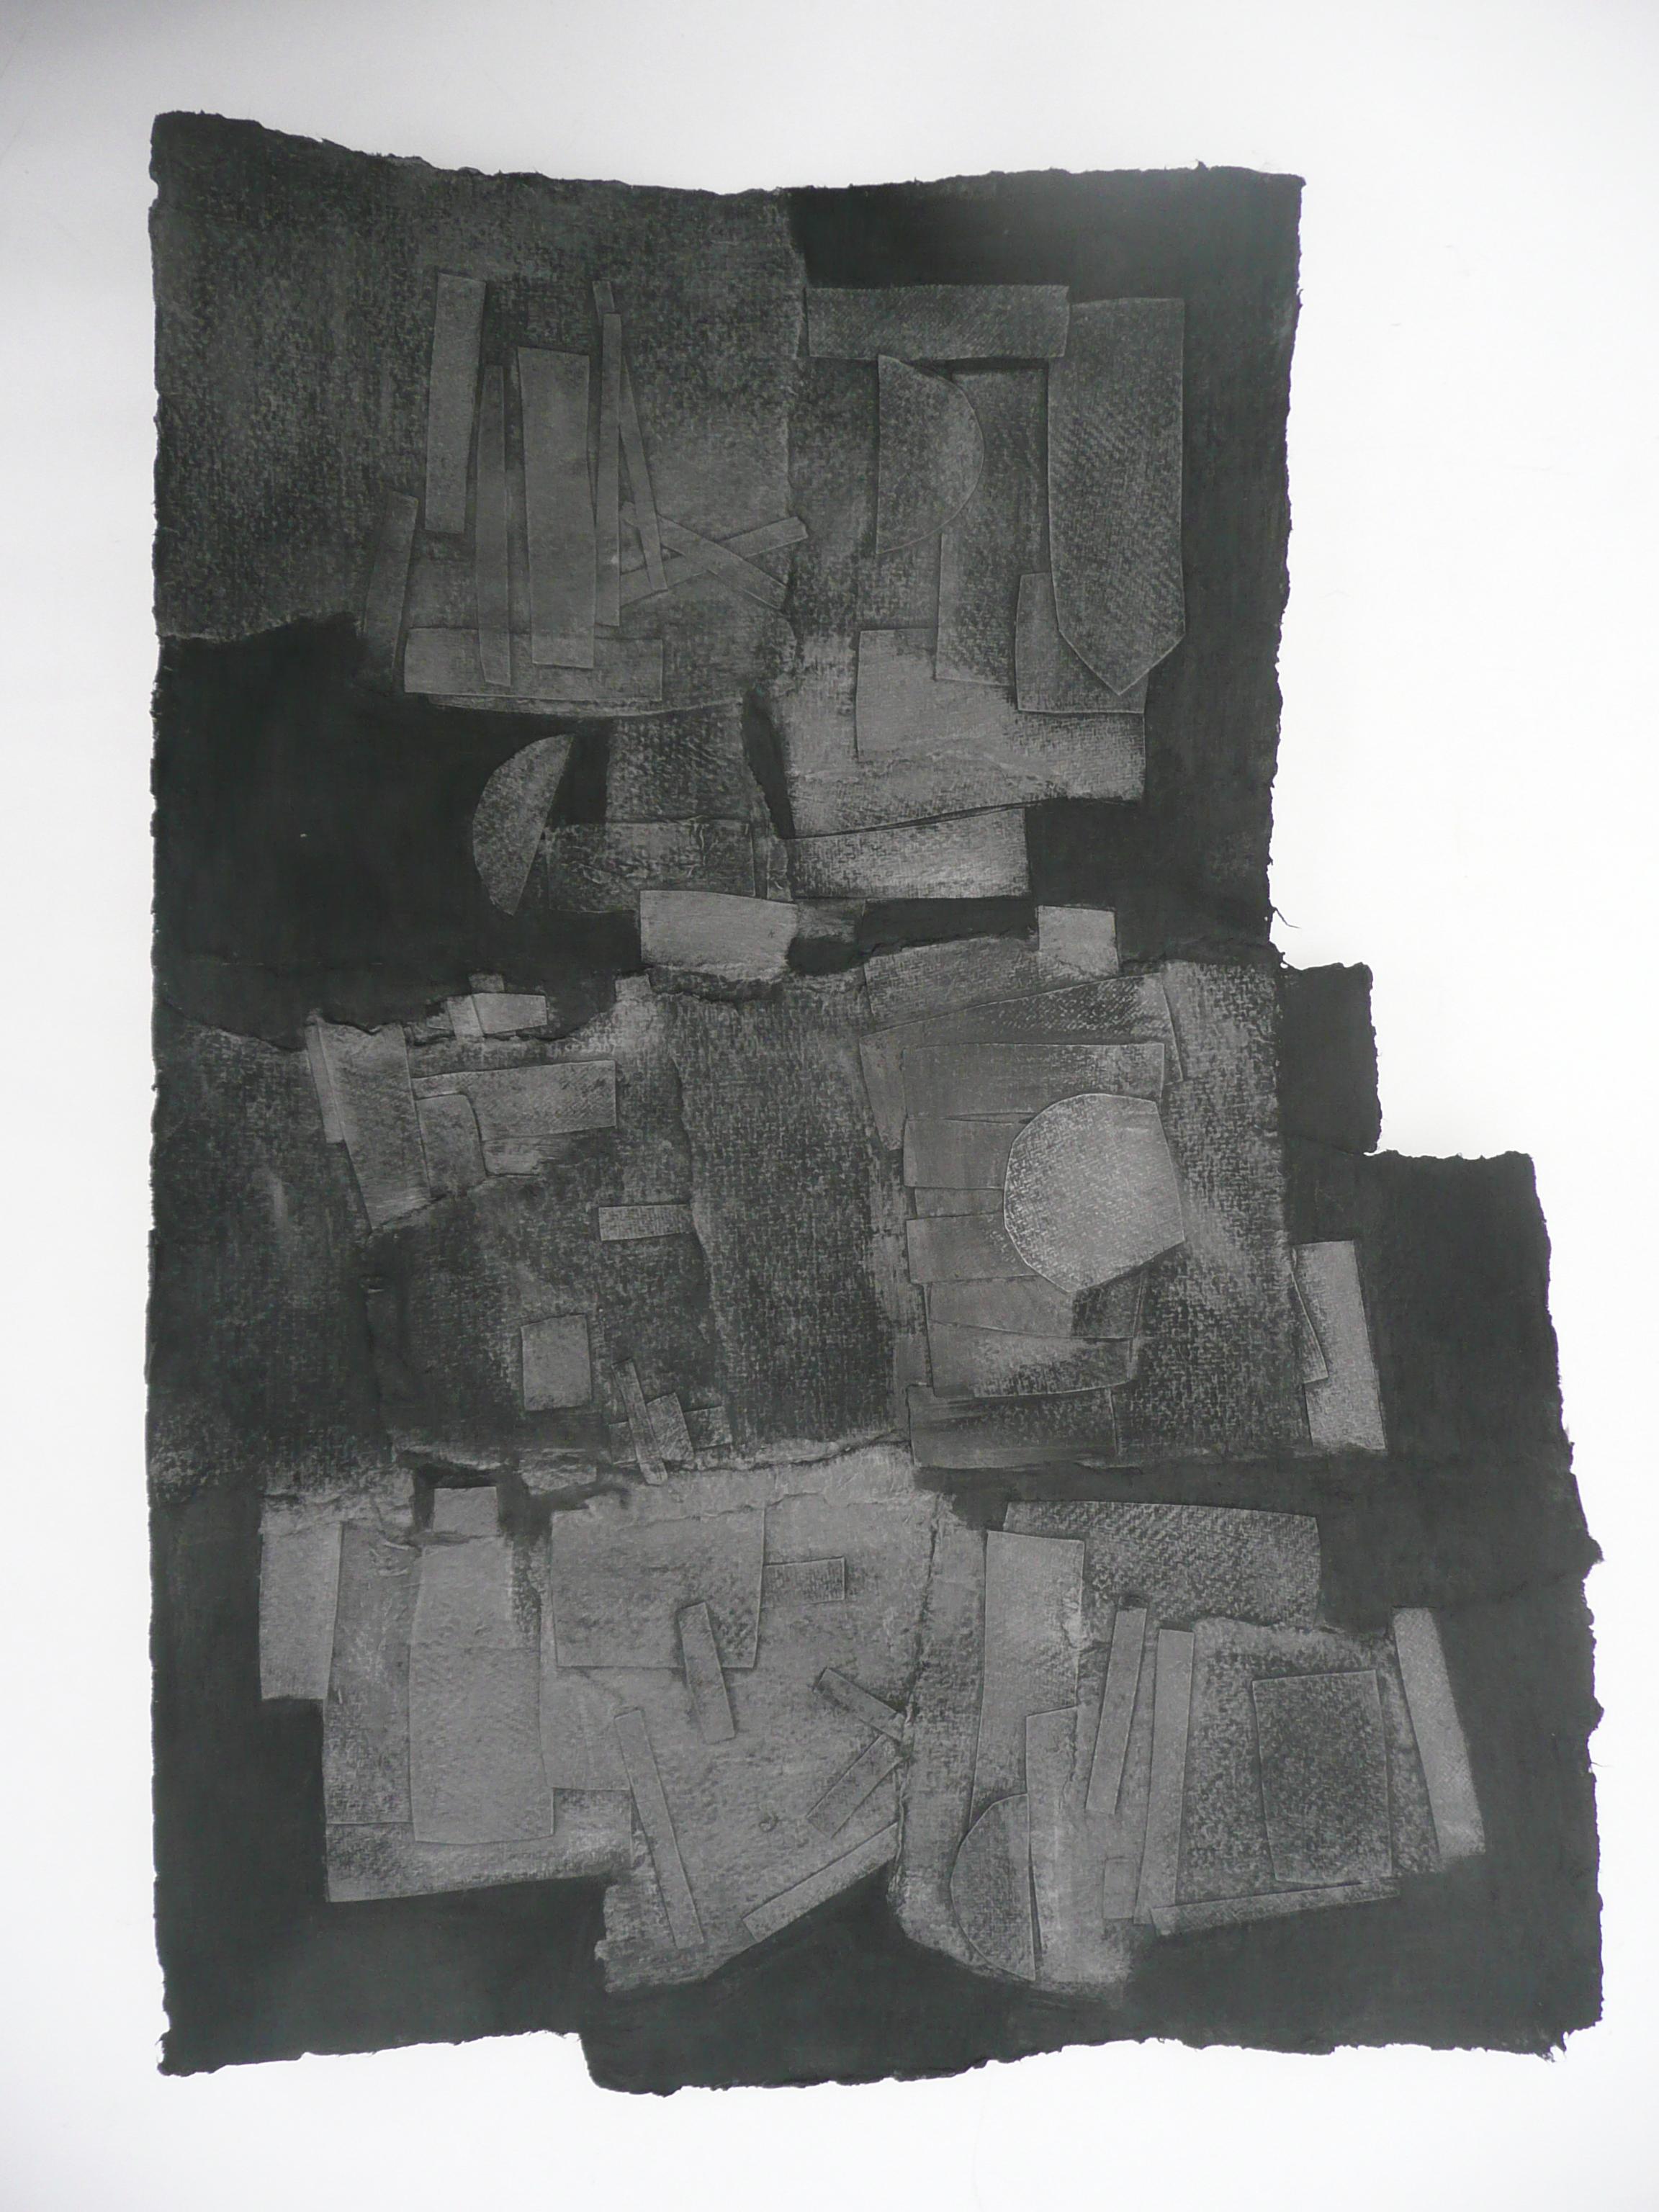 Sans titre, Papiers, acrylique Graphite, marouflé sur bois, 48 x 36 cm